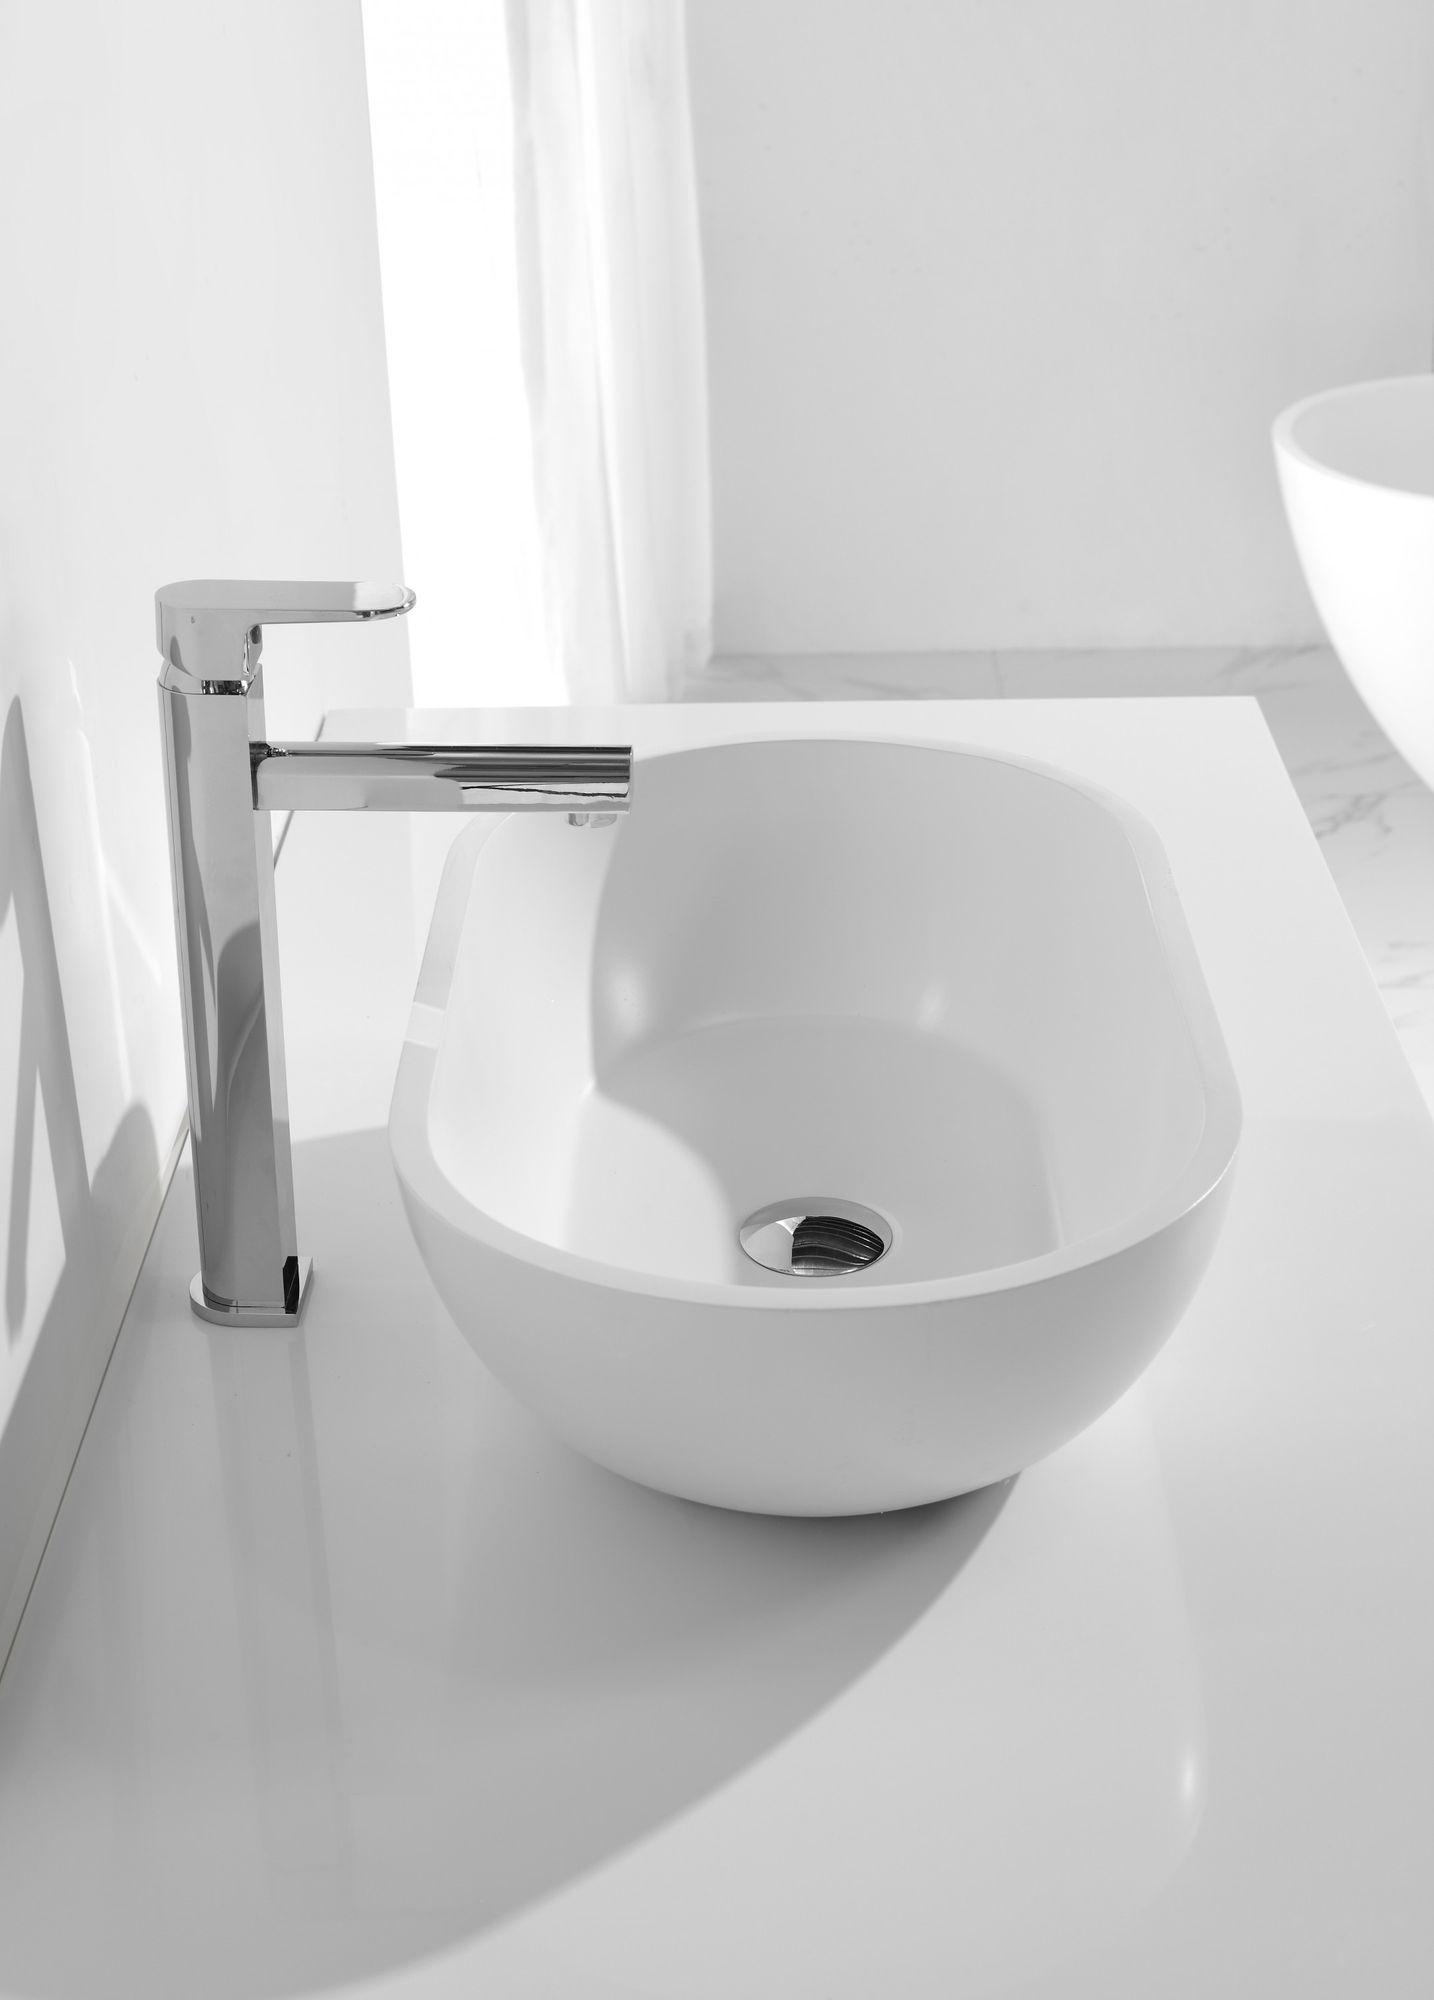 Design Aufsatzwaschbecken Modell 1312 U2013 Bild 2